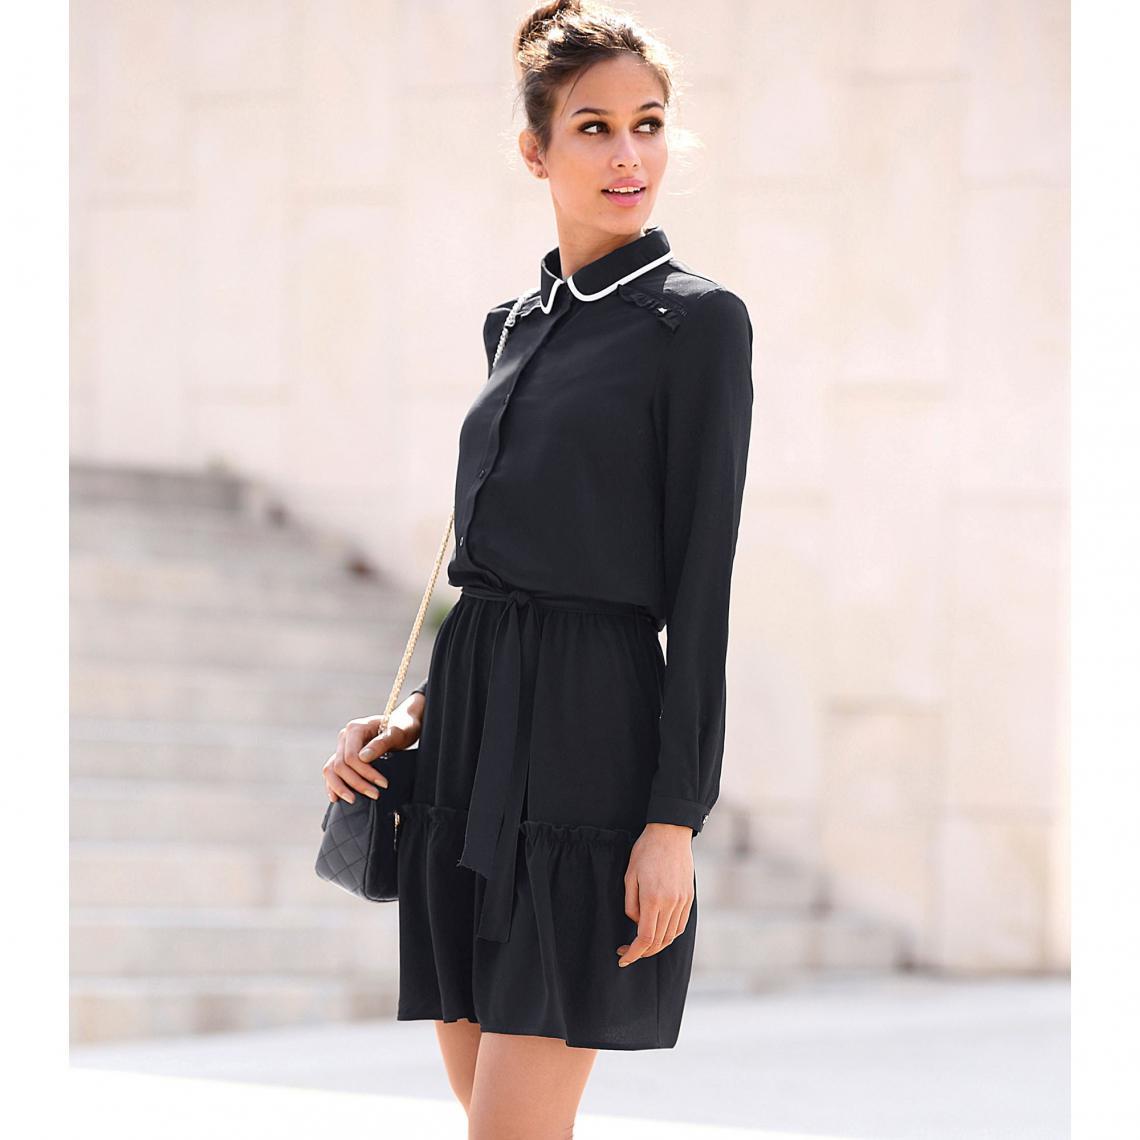 f932af48c6e Robe courte manches longues taille élastique et ceinture contrastée femme -  Noir 3 SUISSES Femme